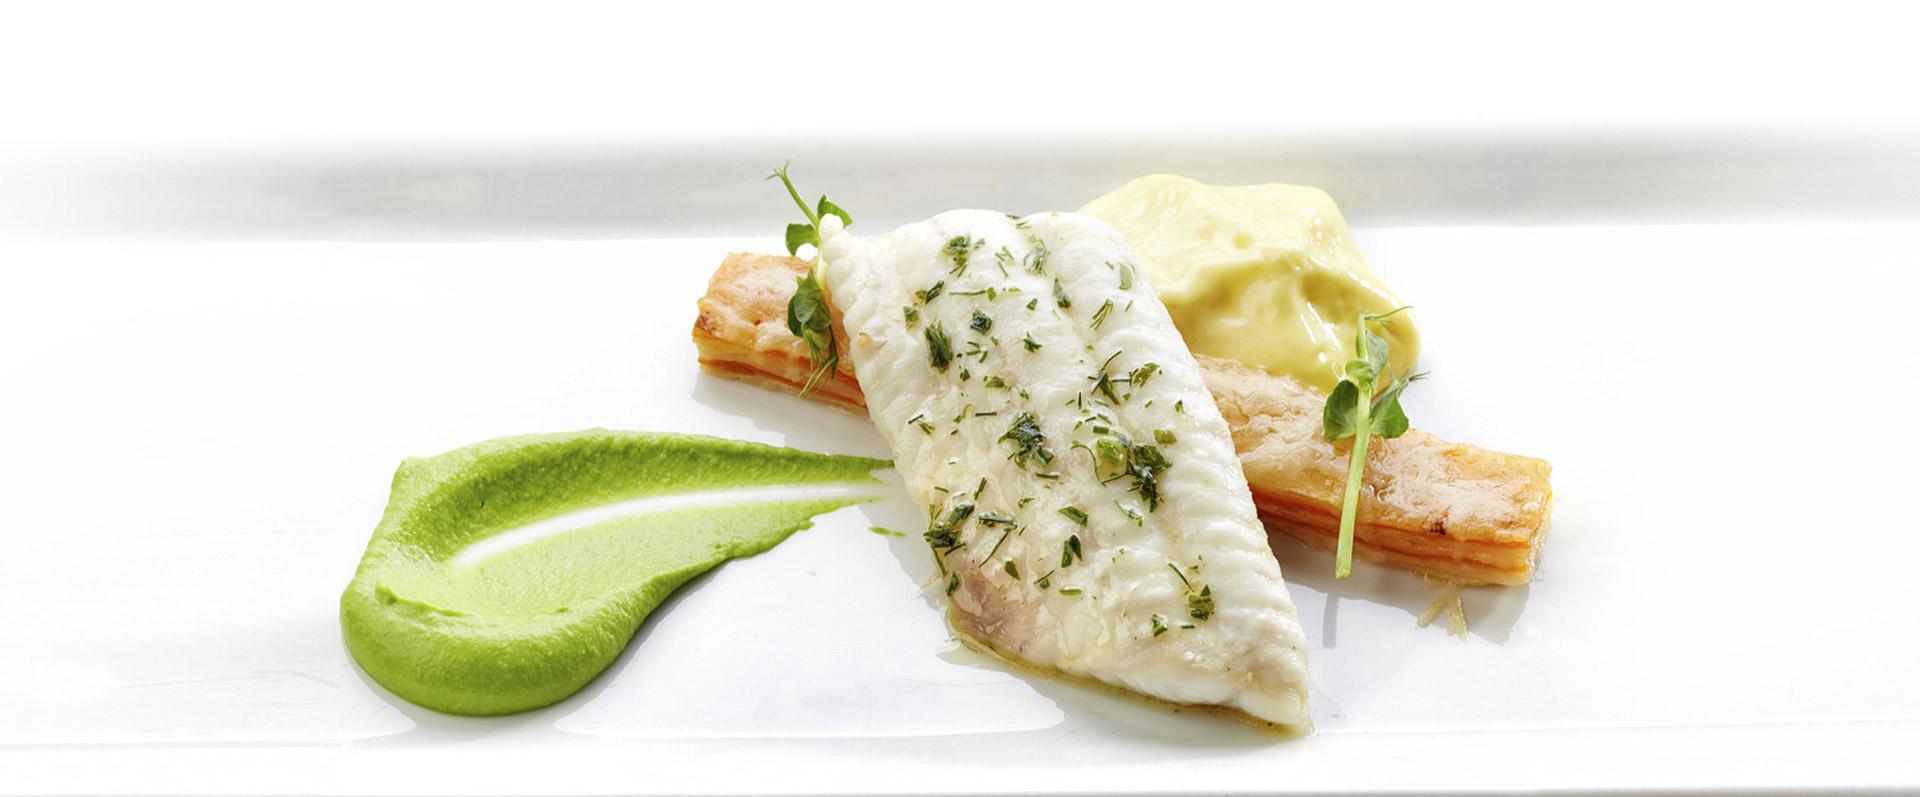 Découvrez nos repas savoureux préparés sur place !